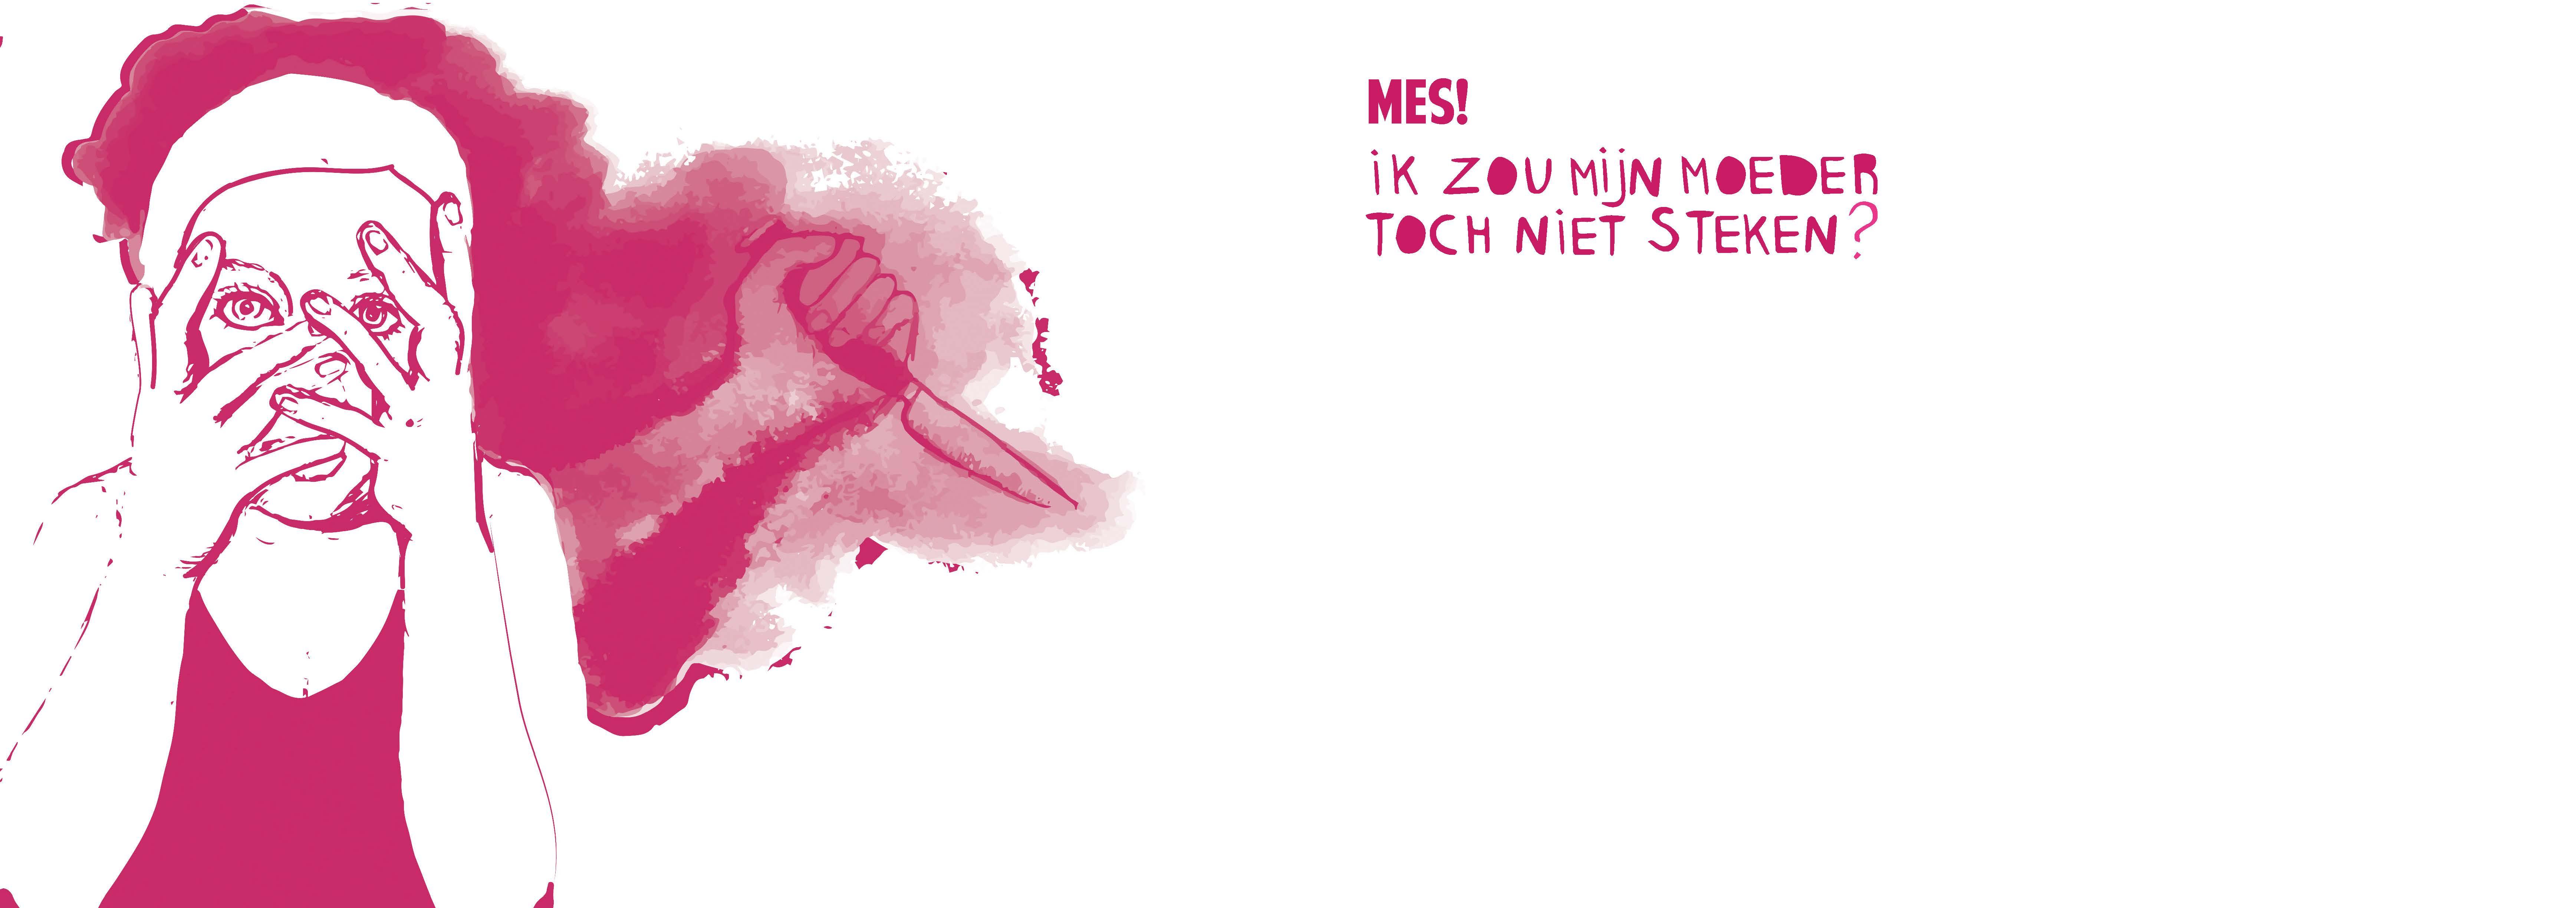 6 Roze Olifant - Sanne Clement